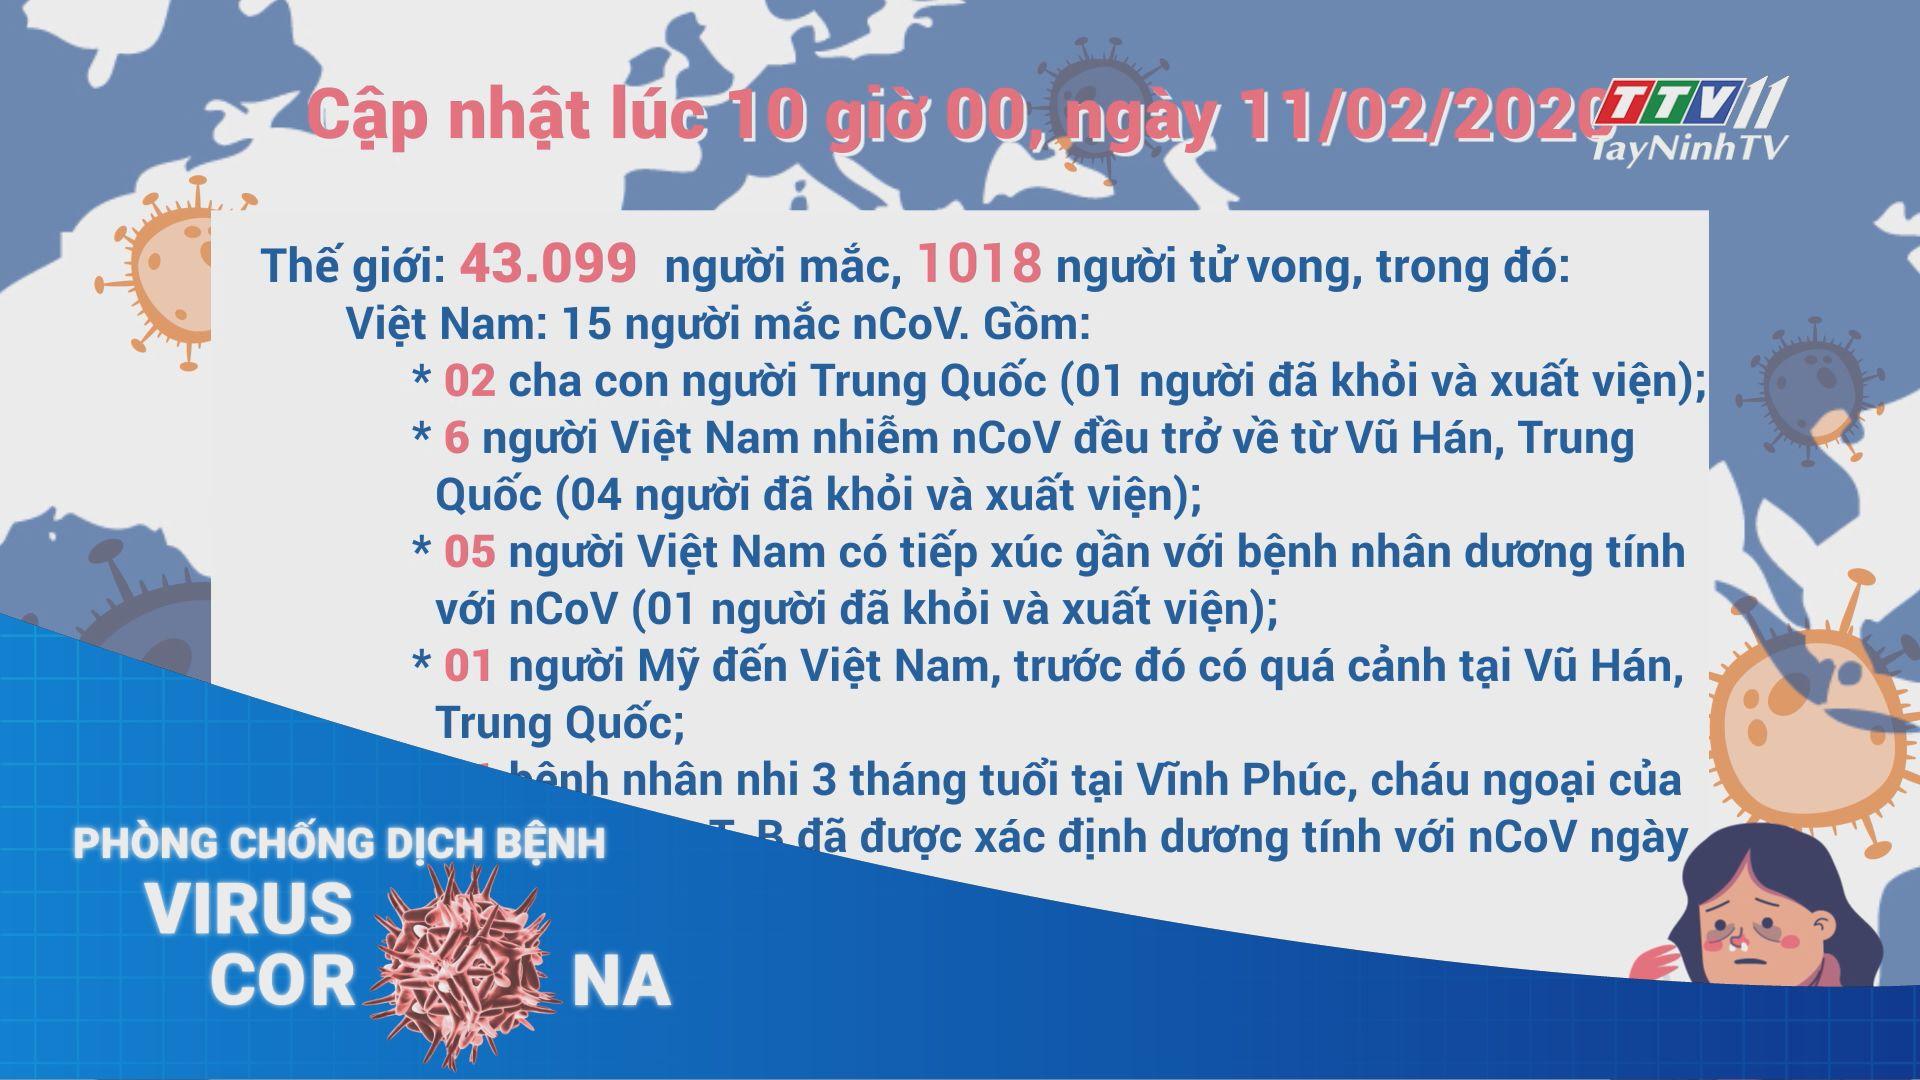 Cập nhật tình hình dịch bệnh do chủng mới của vi rút Corona đến 08 giờ 00, ngày 11/02/2020 | TayNinhTV